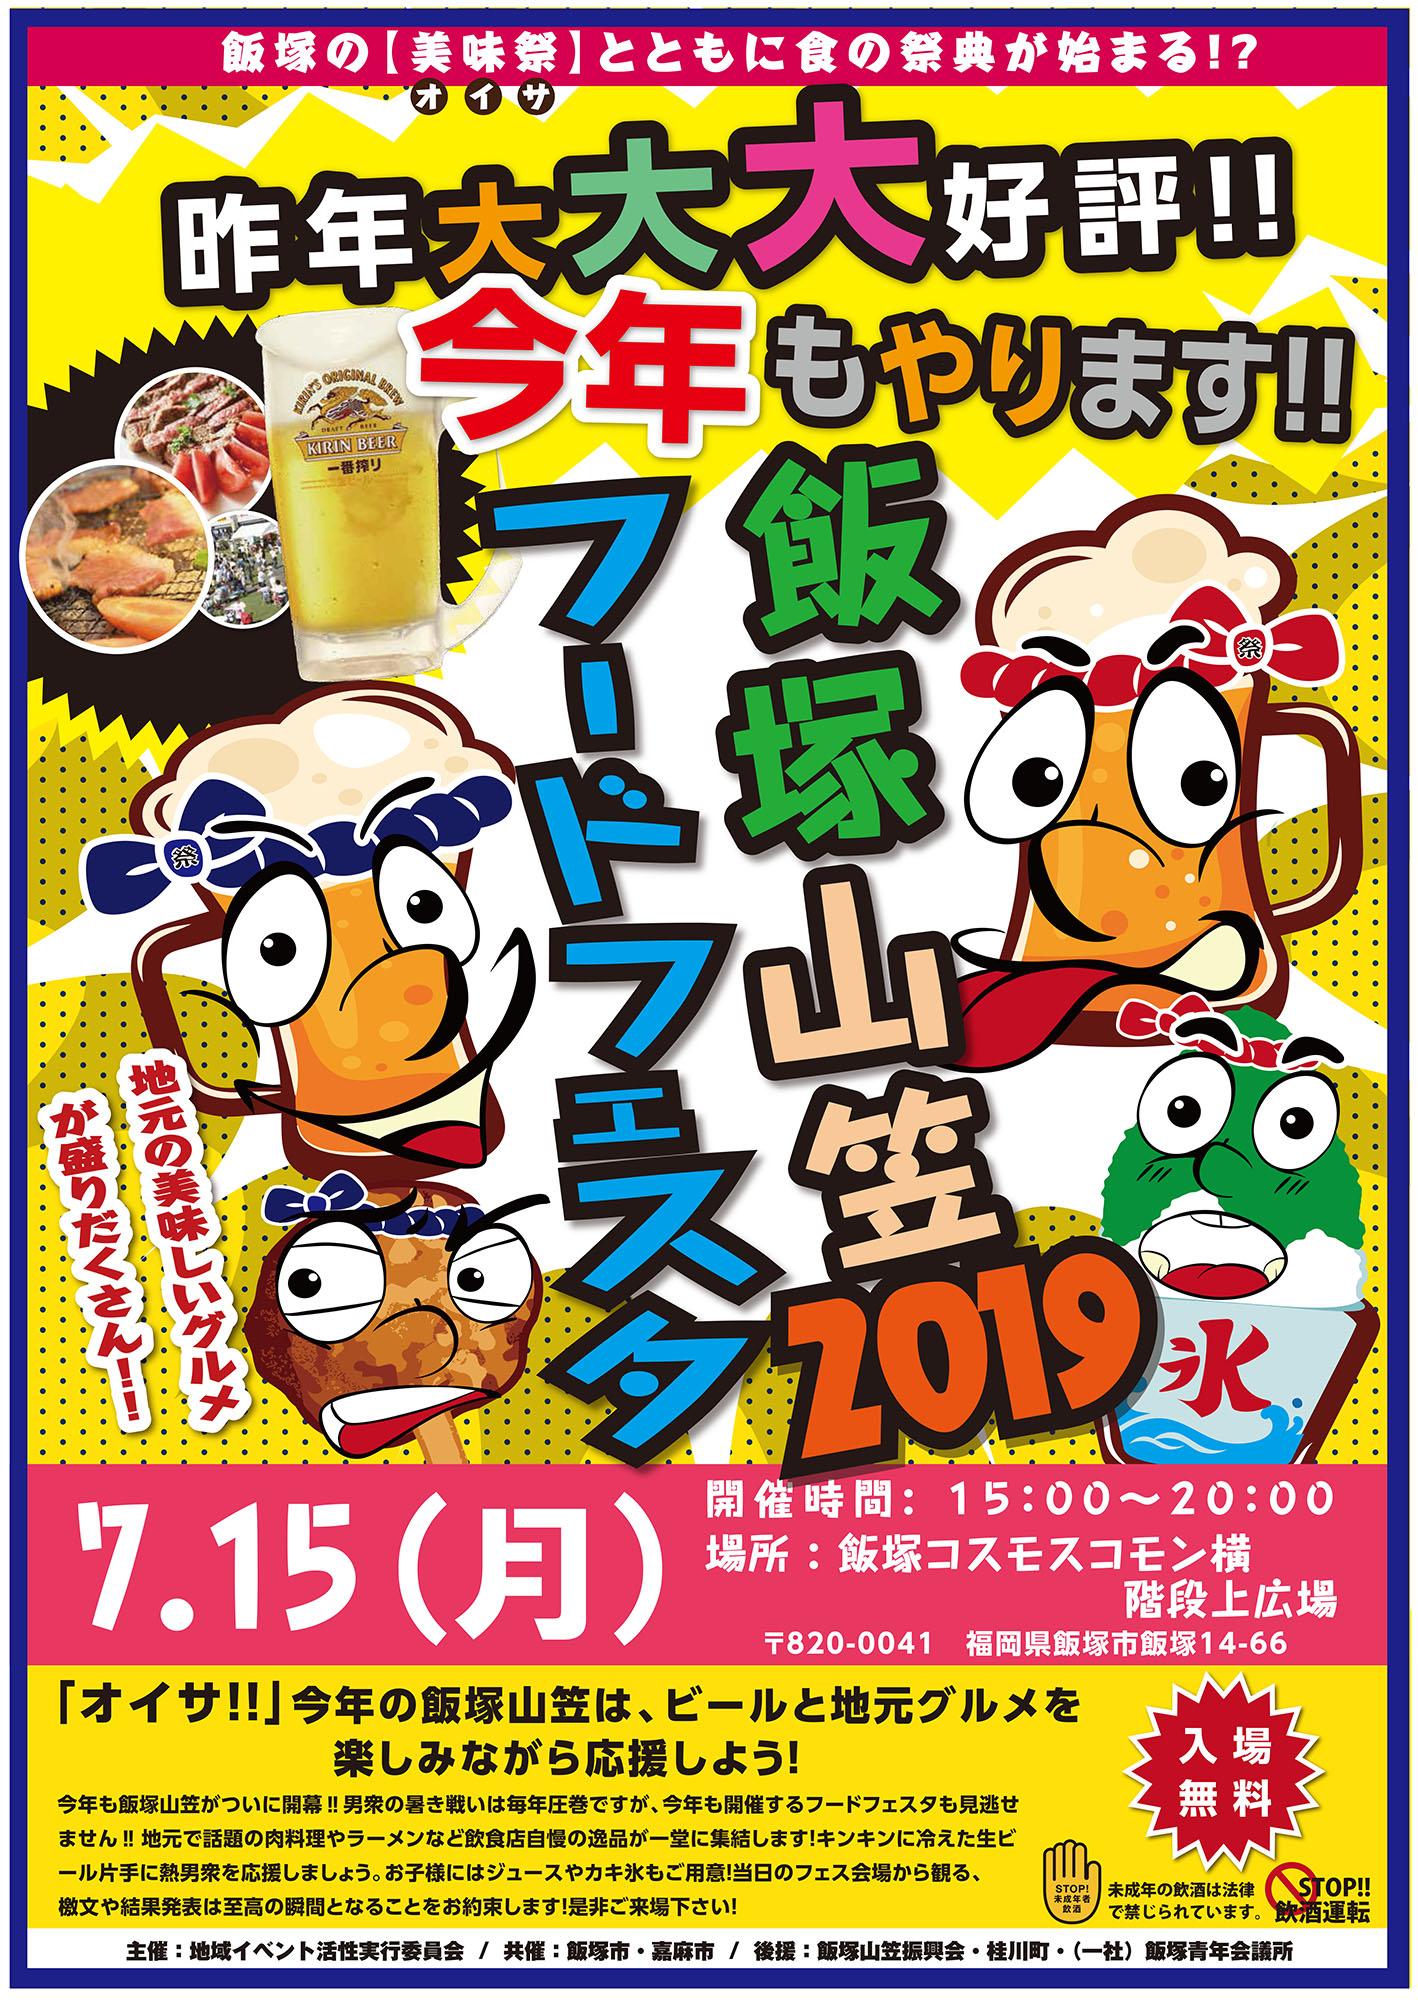 飯塚山笠 フードフェスタ 2019